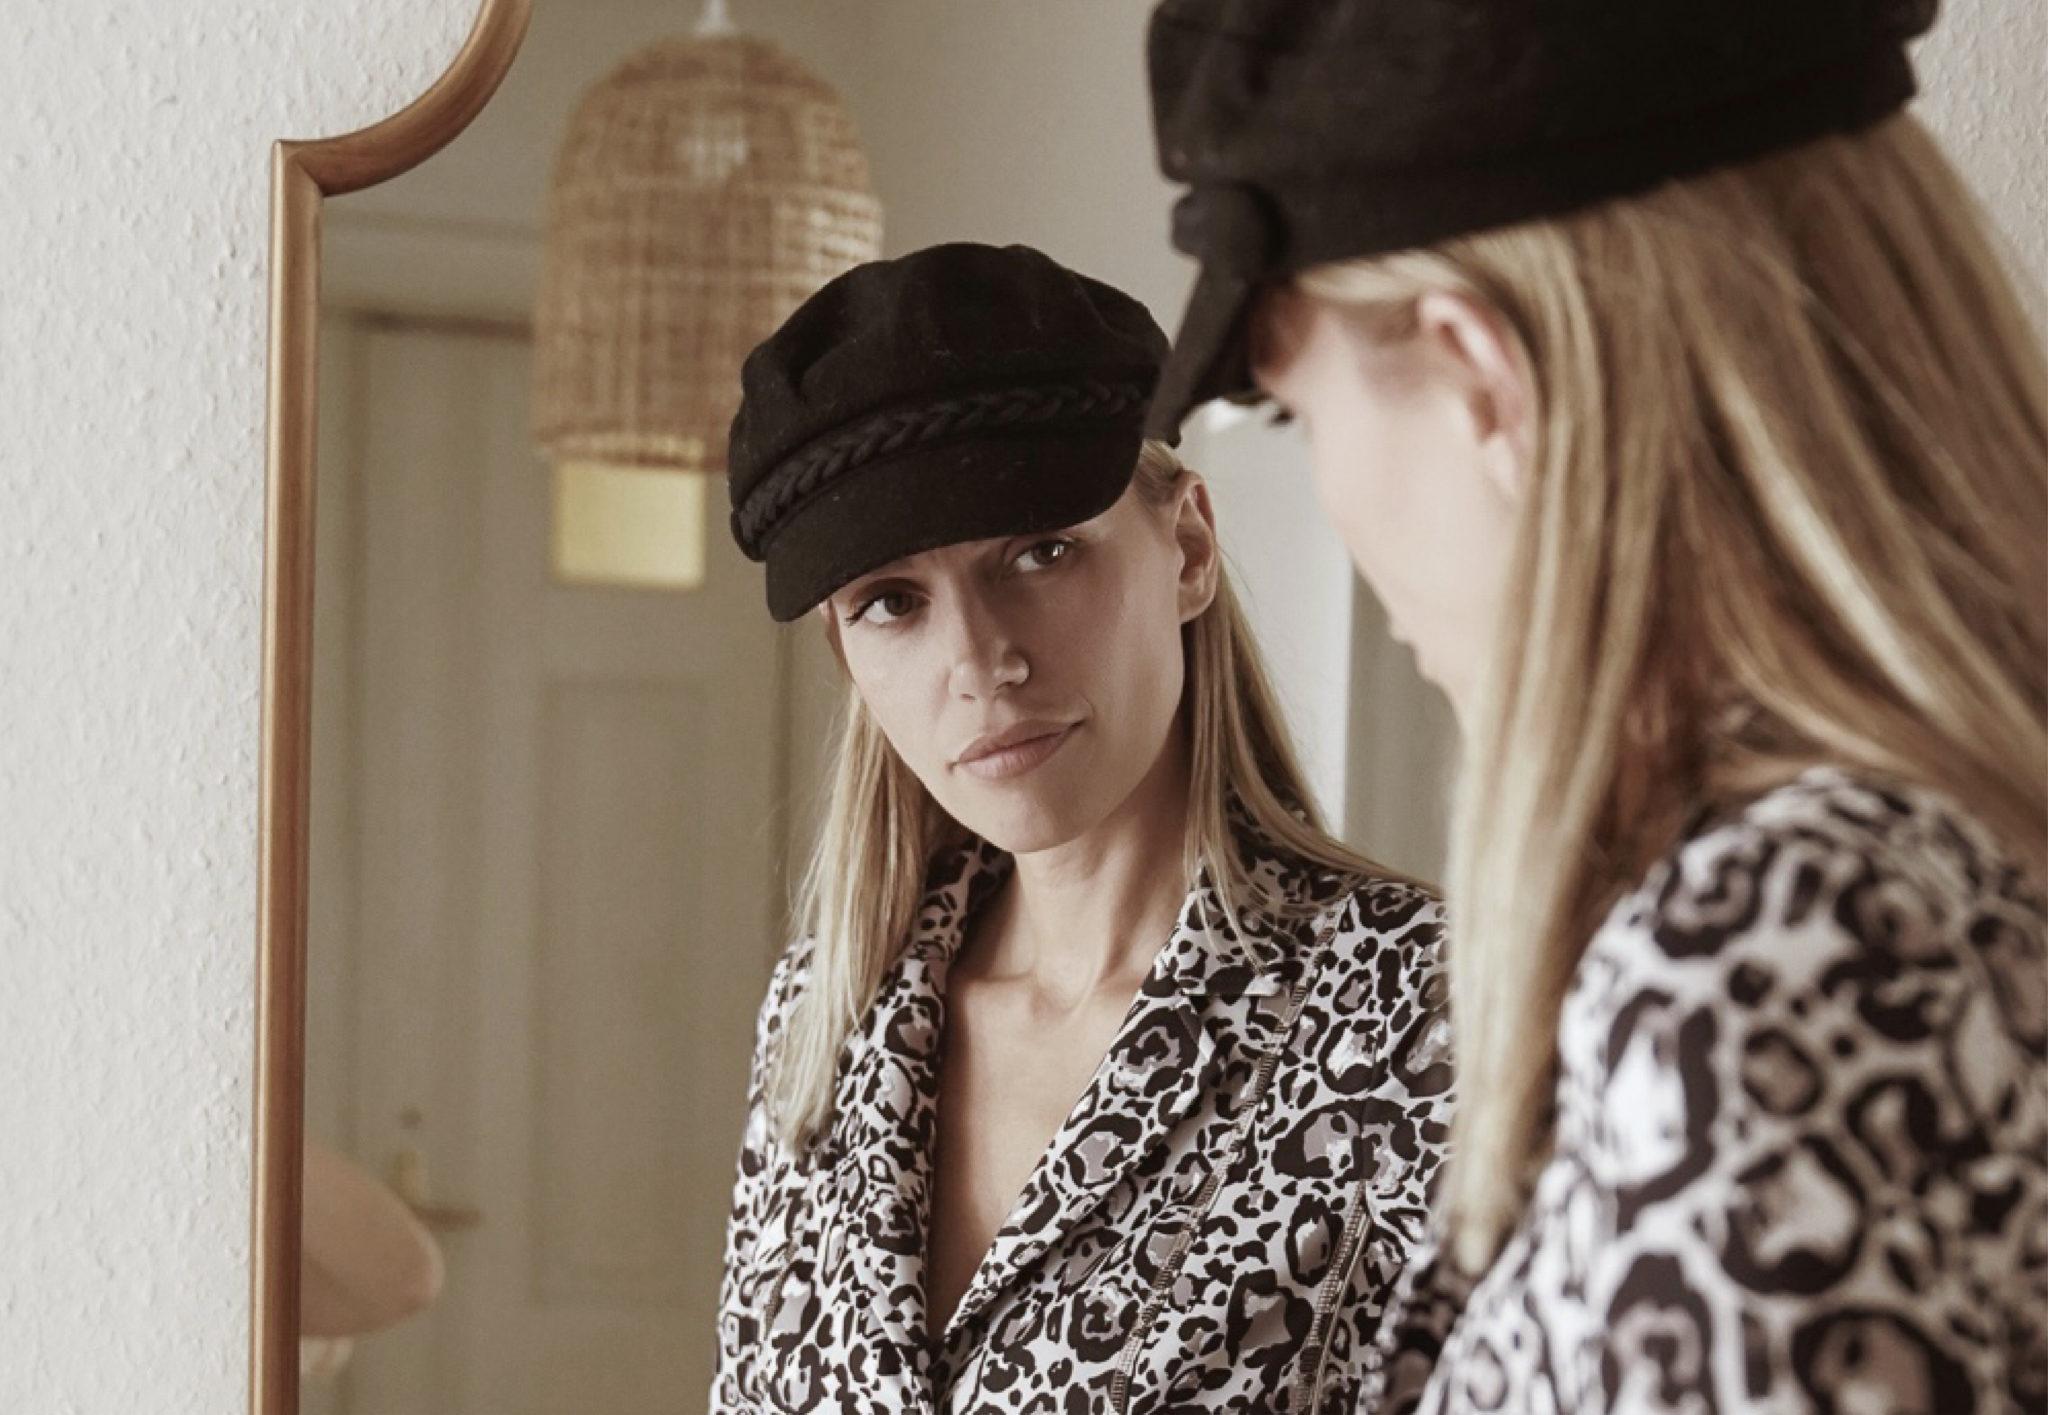 Nachhaltige Mode und eine korrekte Produktion ist AIRFIELD ein großes Anliegen